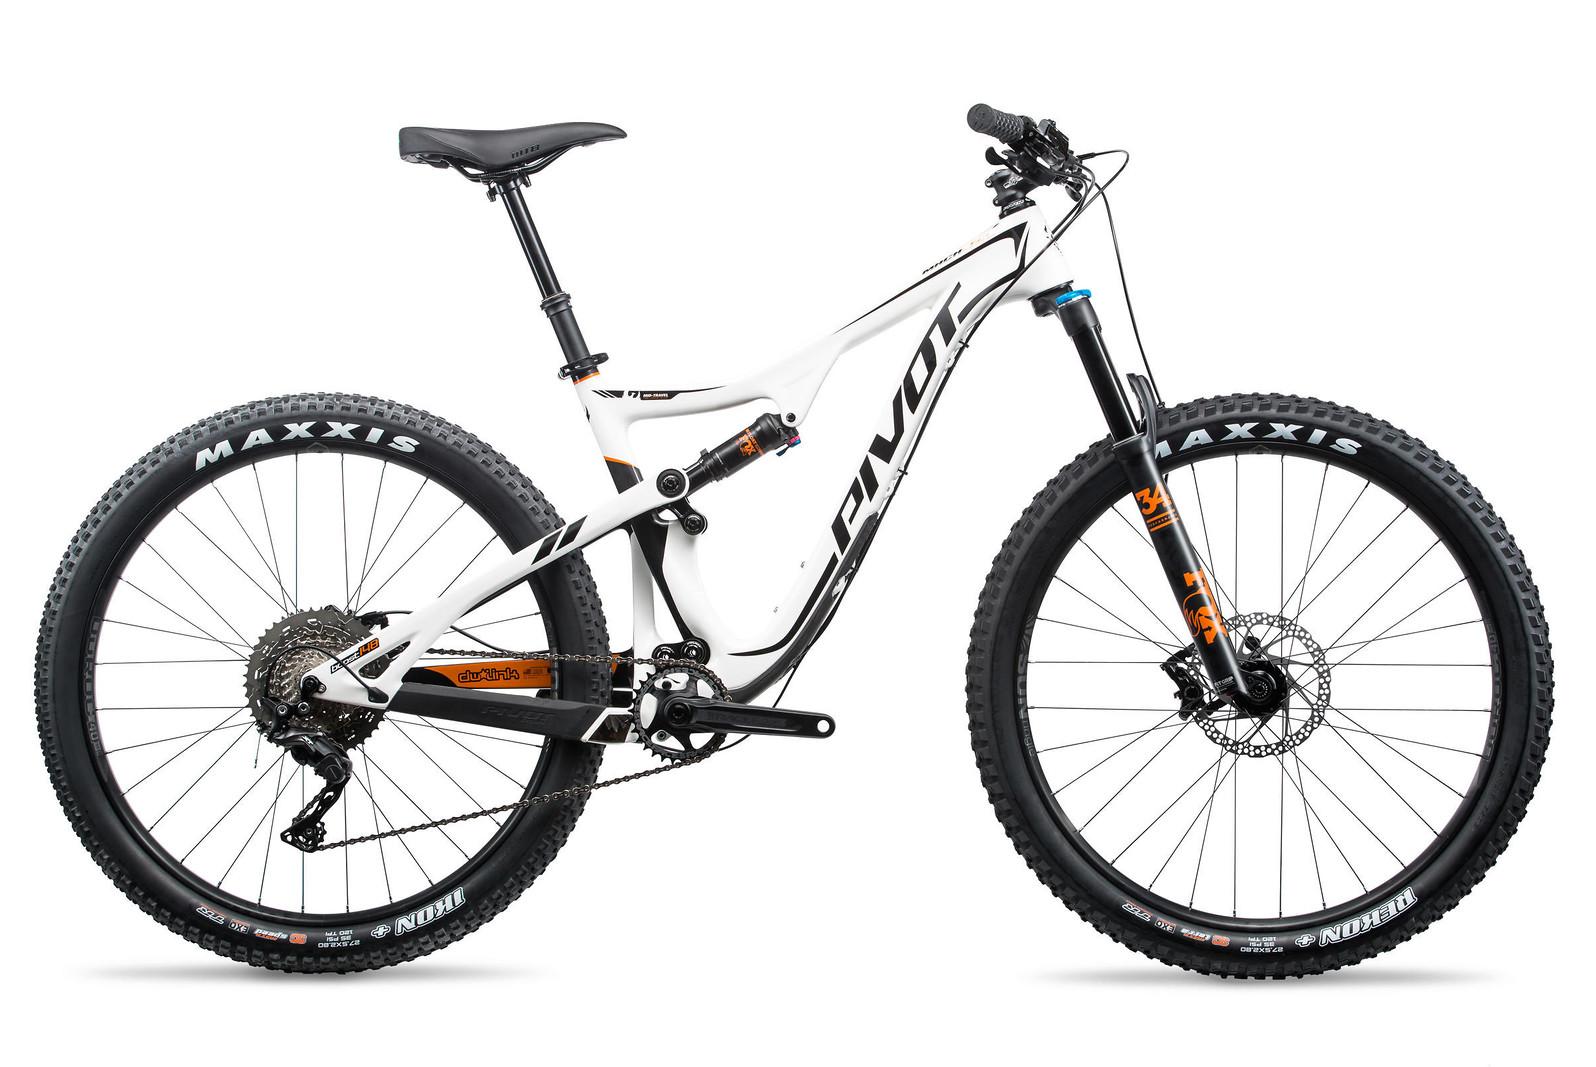 pivot-cycles-mach-429-trail-team-xtr-2x-27.5-294742-1